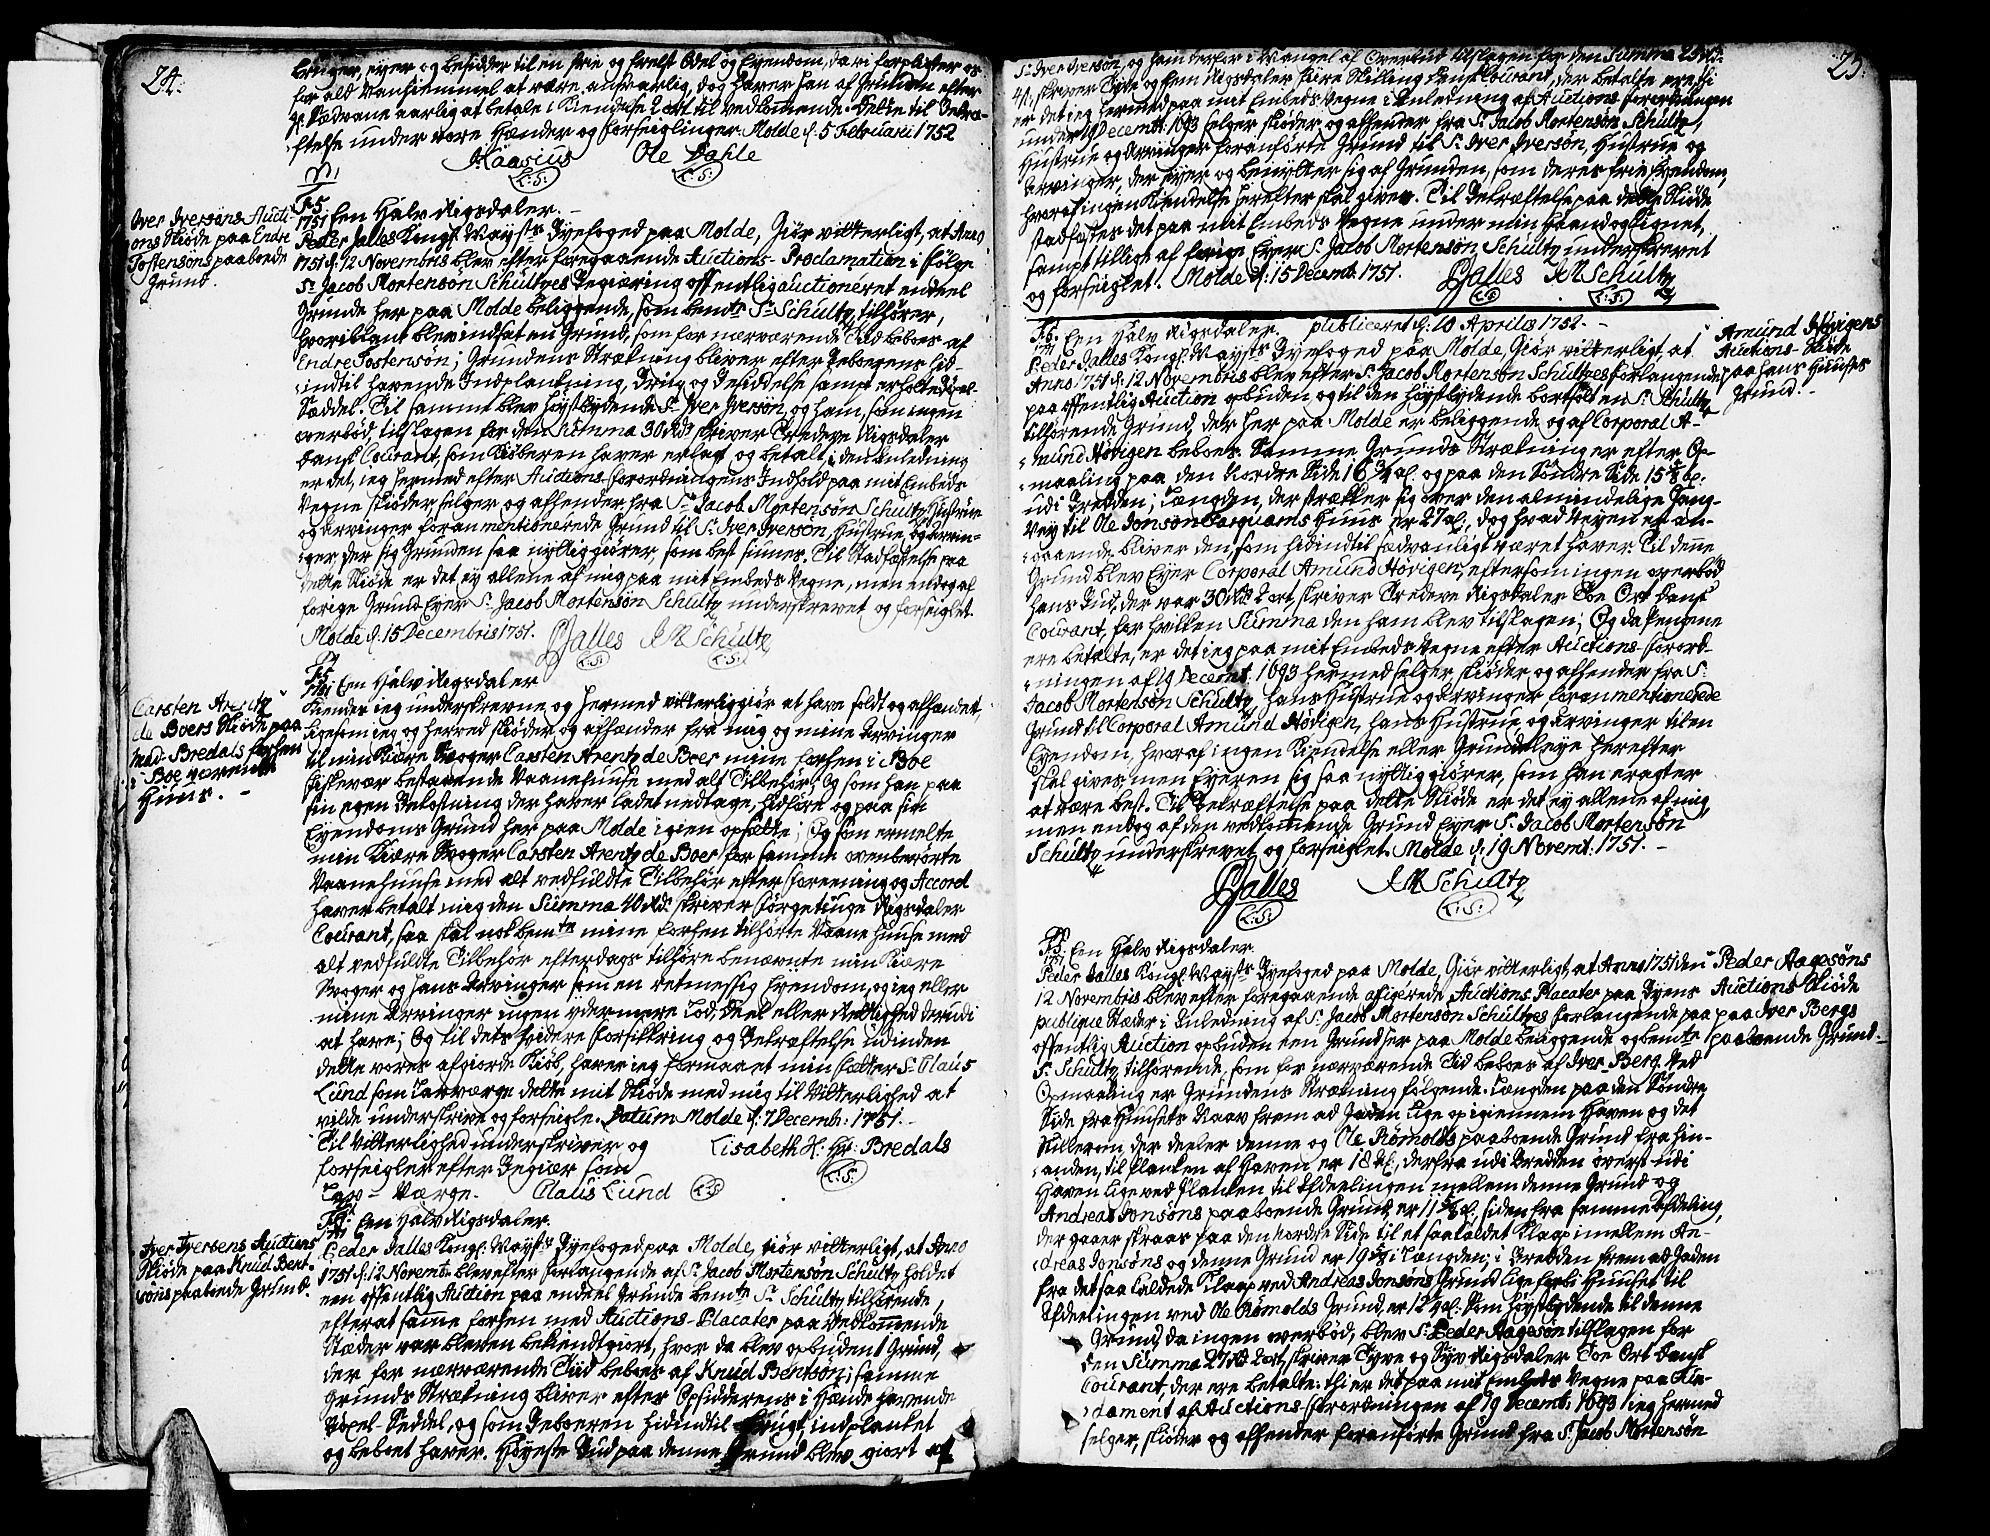 SAT, Molde byfogd, 2/2C/L0001: Pantebok nr. 1, 1748-1823, s. 24-25